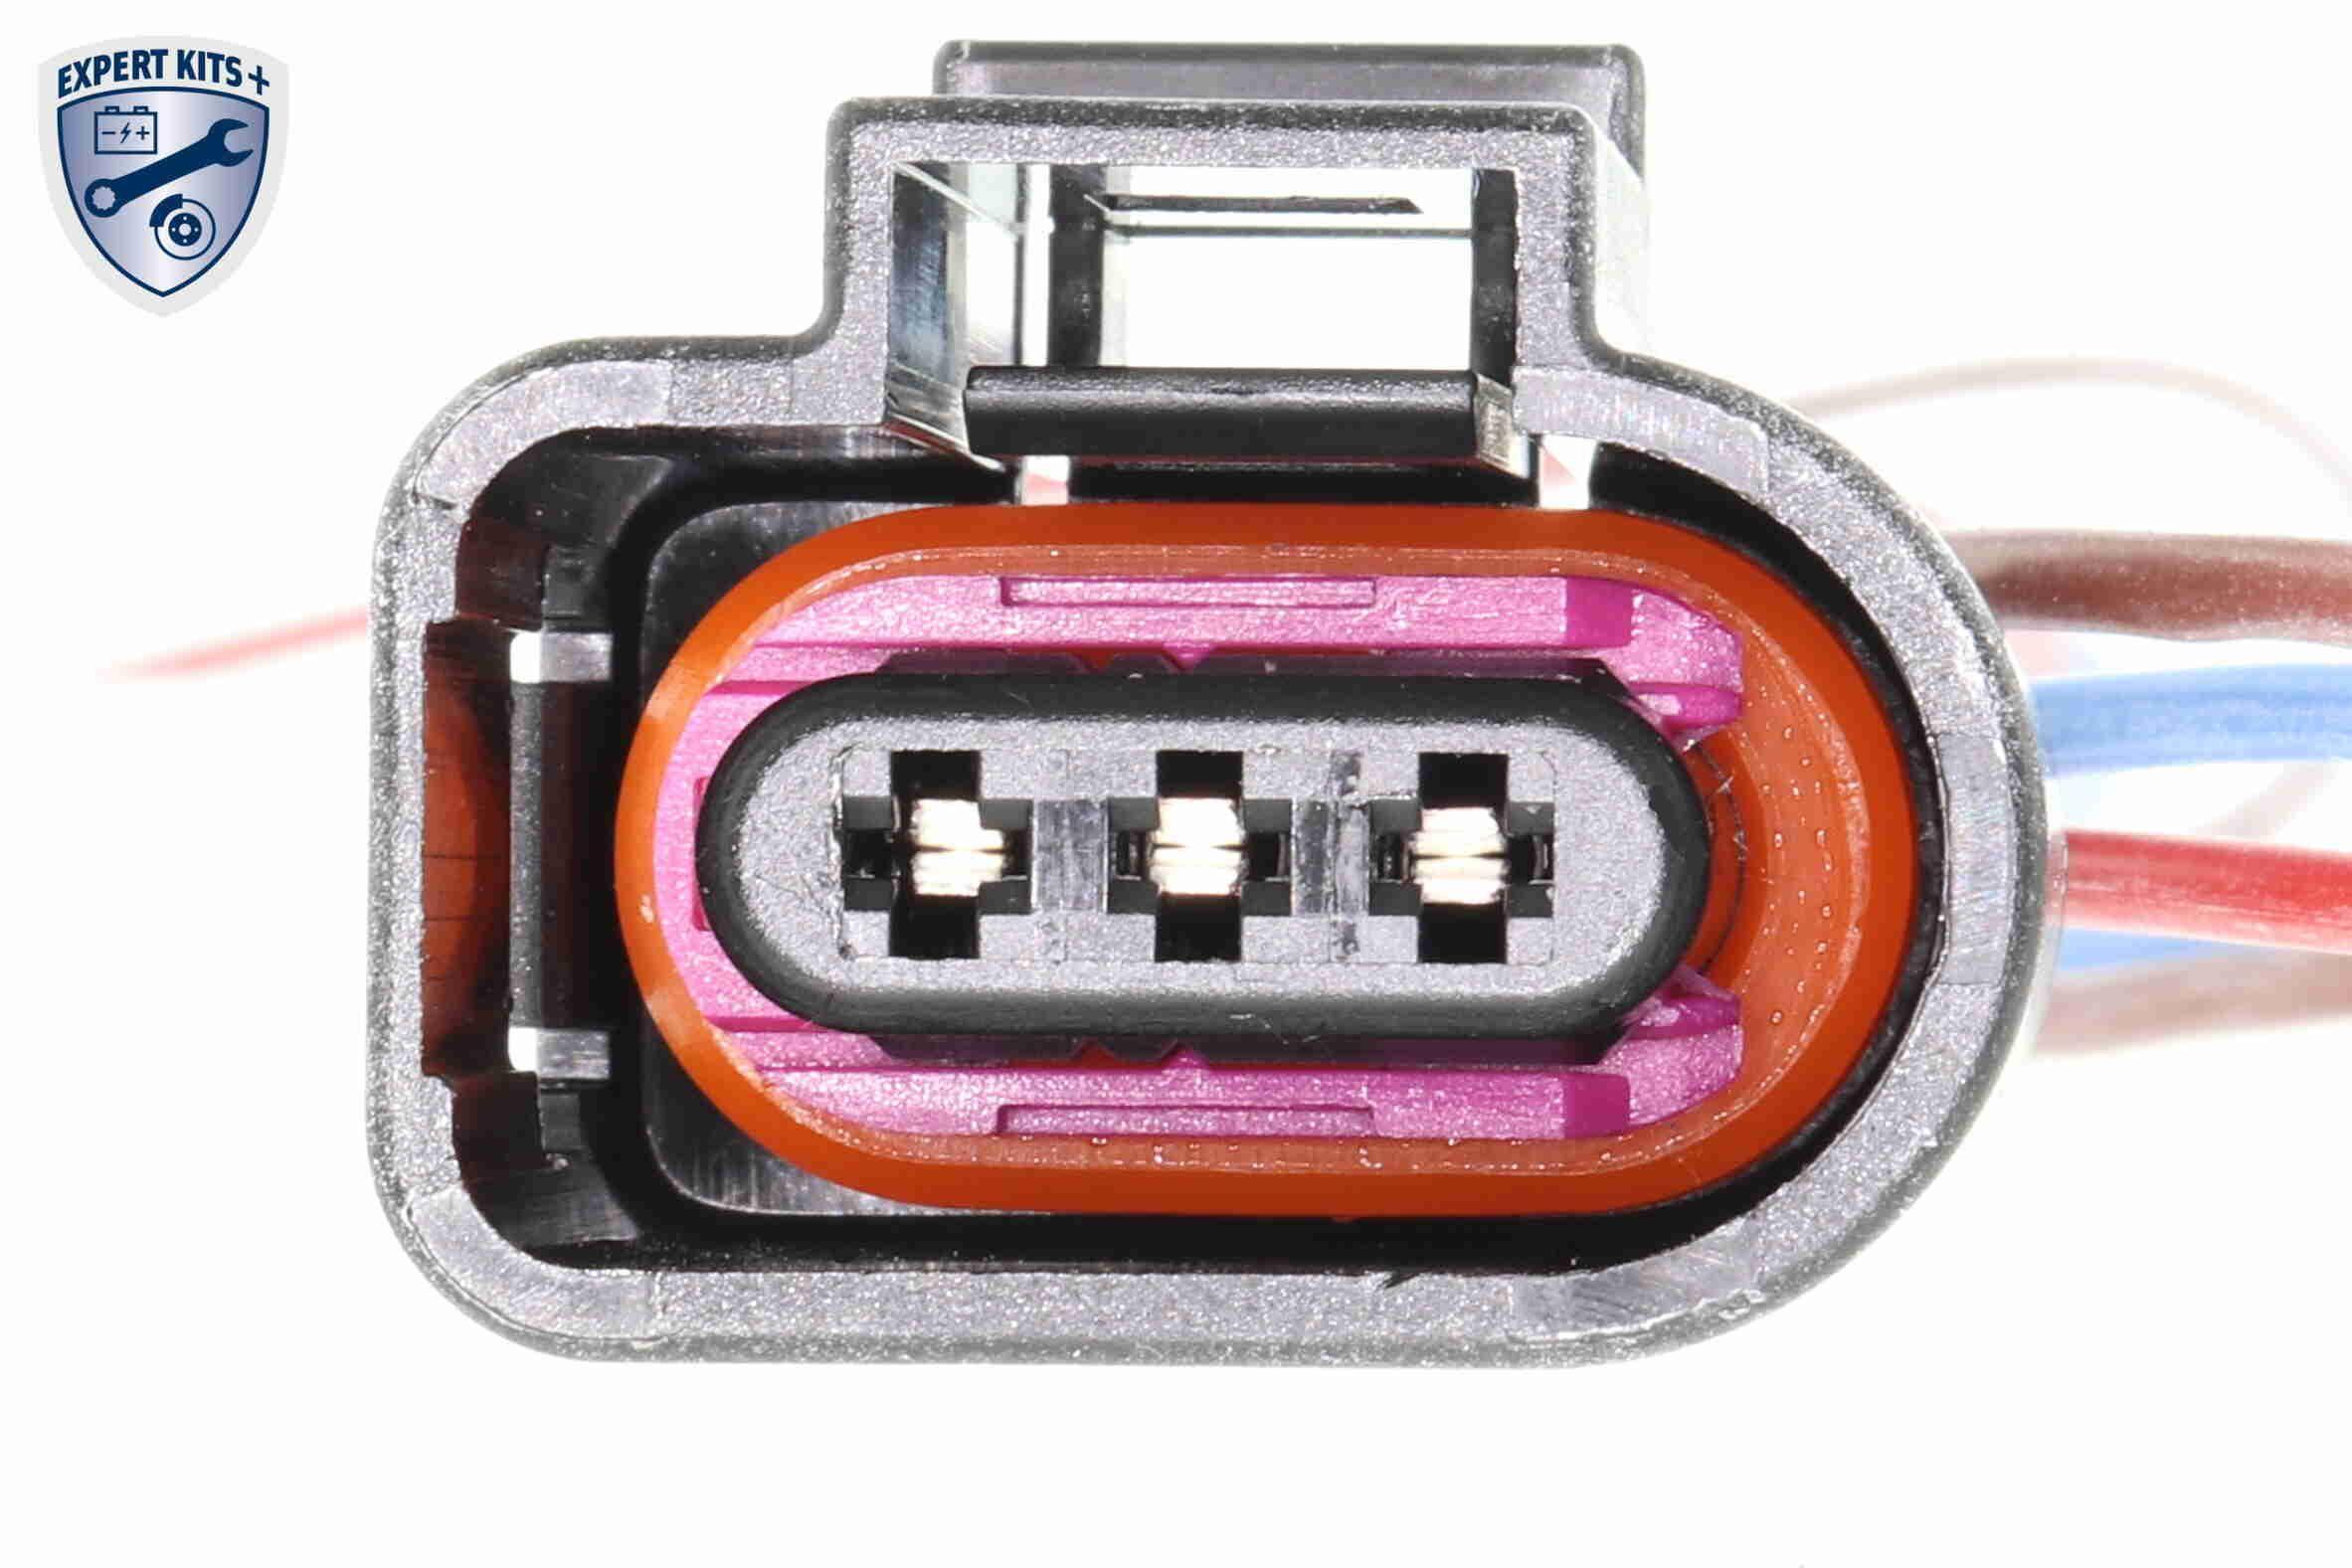 V107210809 Parksensor EXPERT KITS + VEMO V10-72-10809 - Große Auswahl - stark reduziert